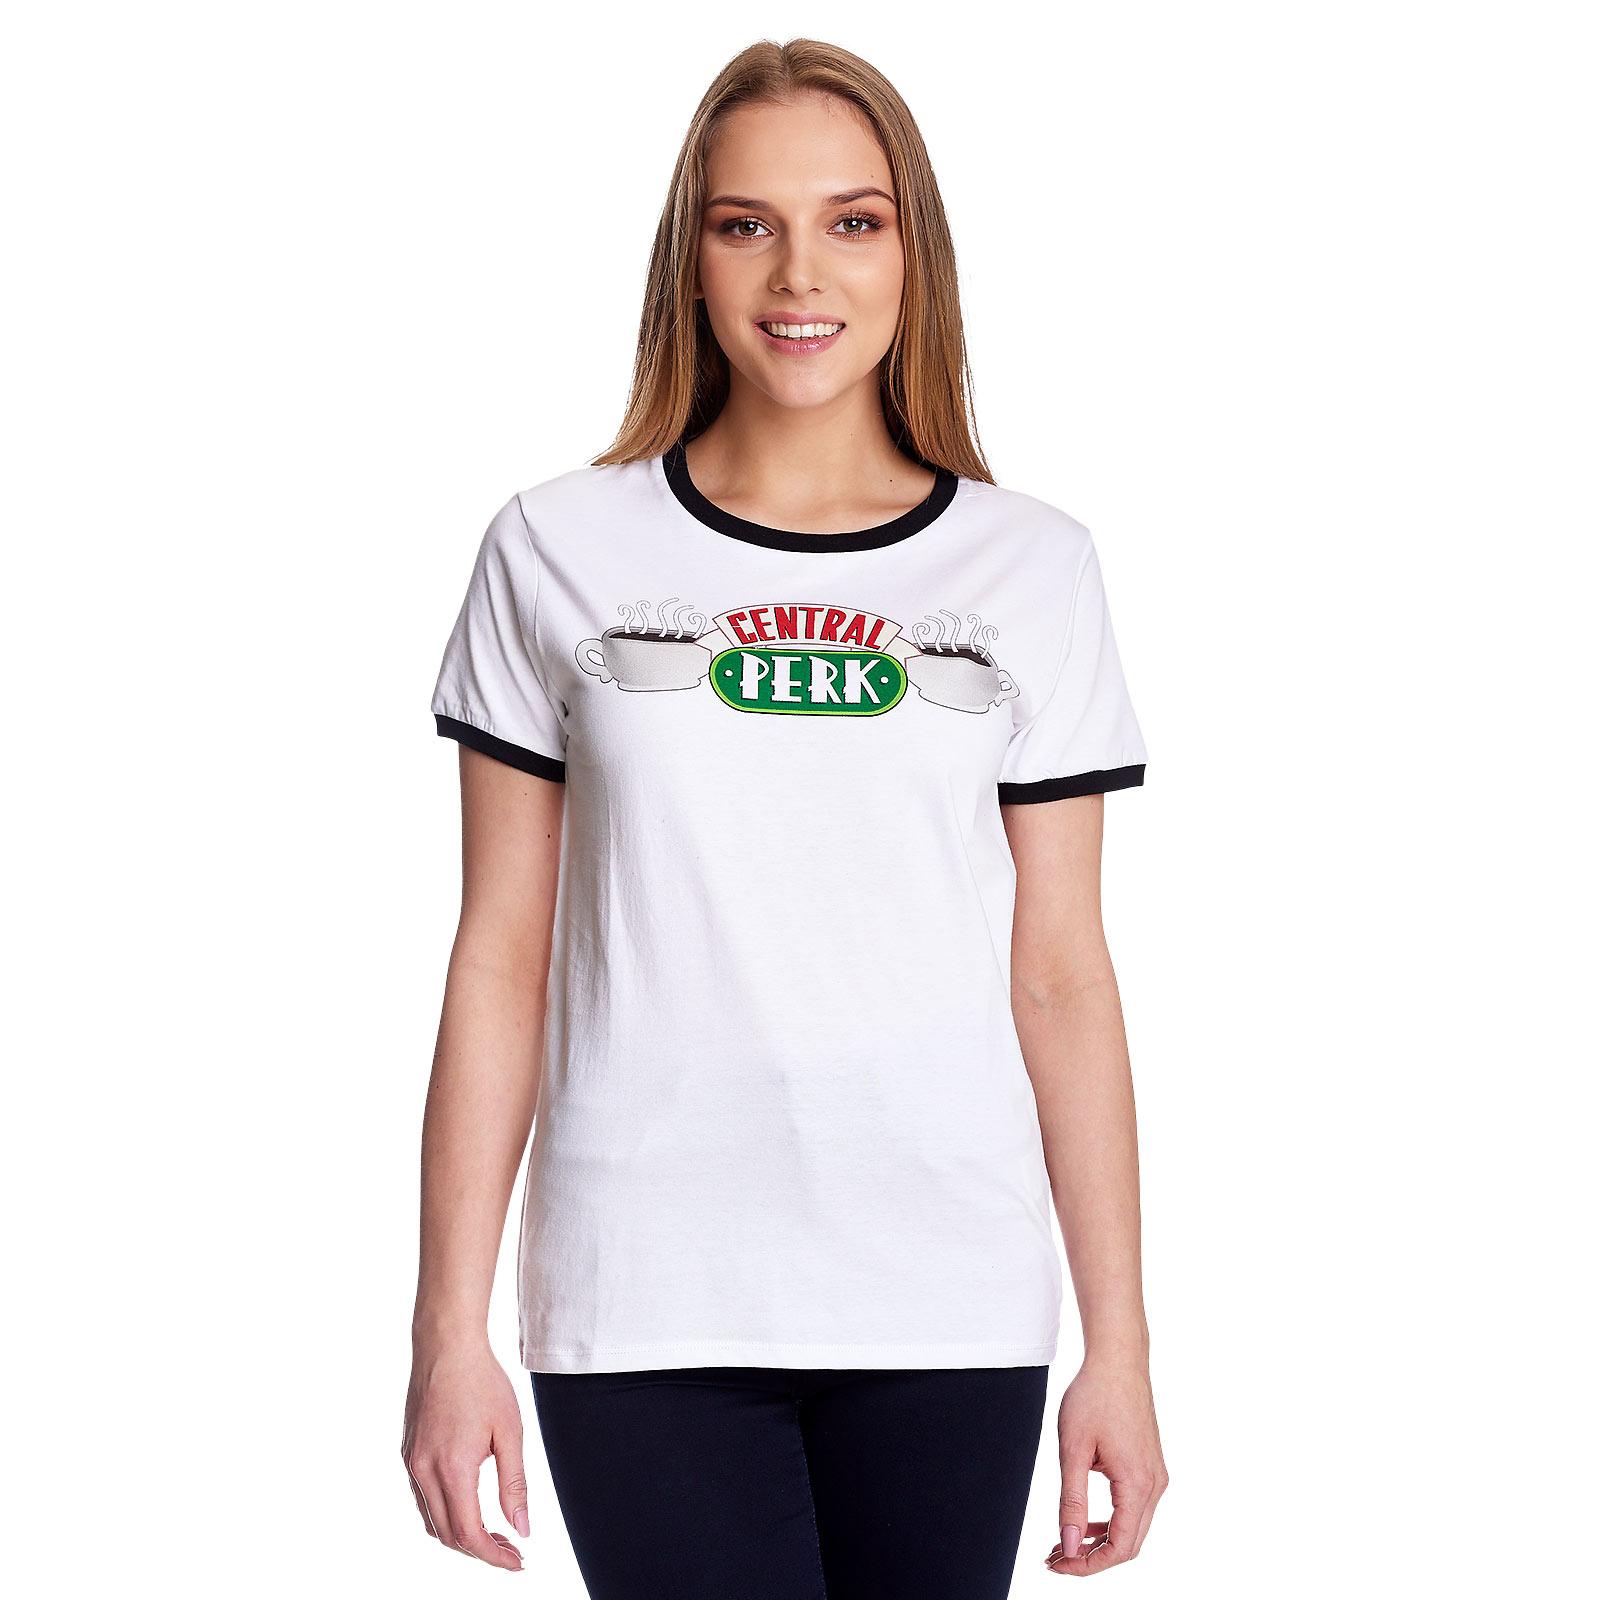 Friends - Central Perk T-Shirt Damen weiß